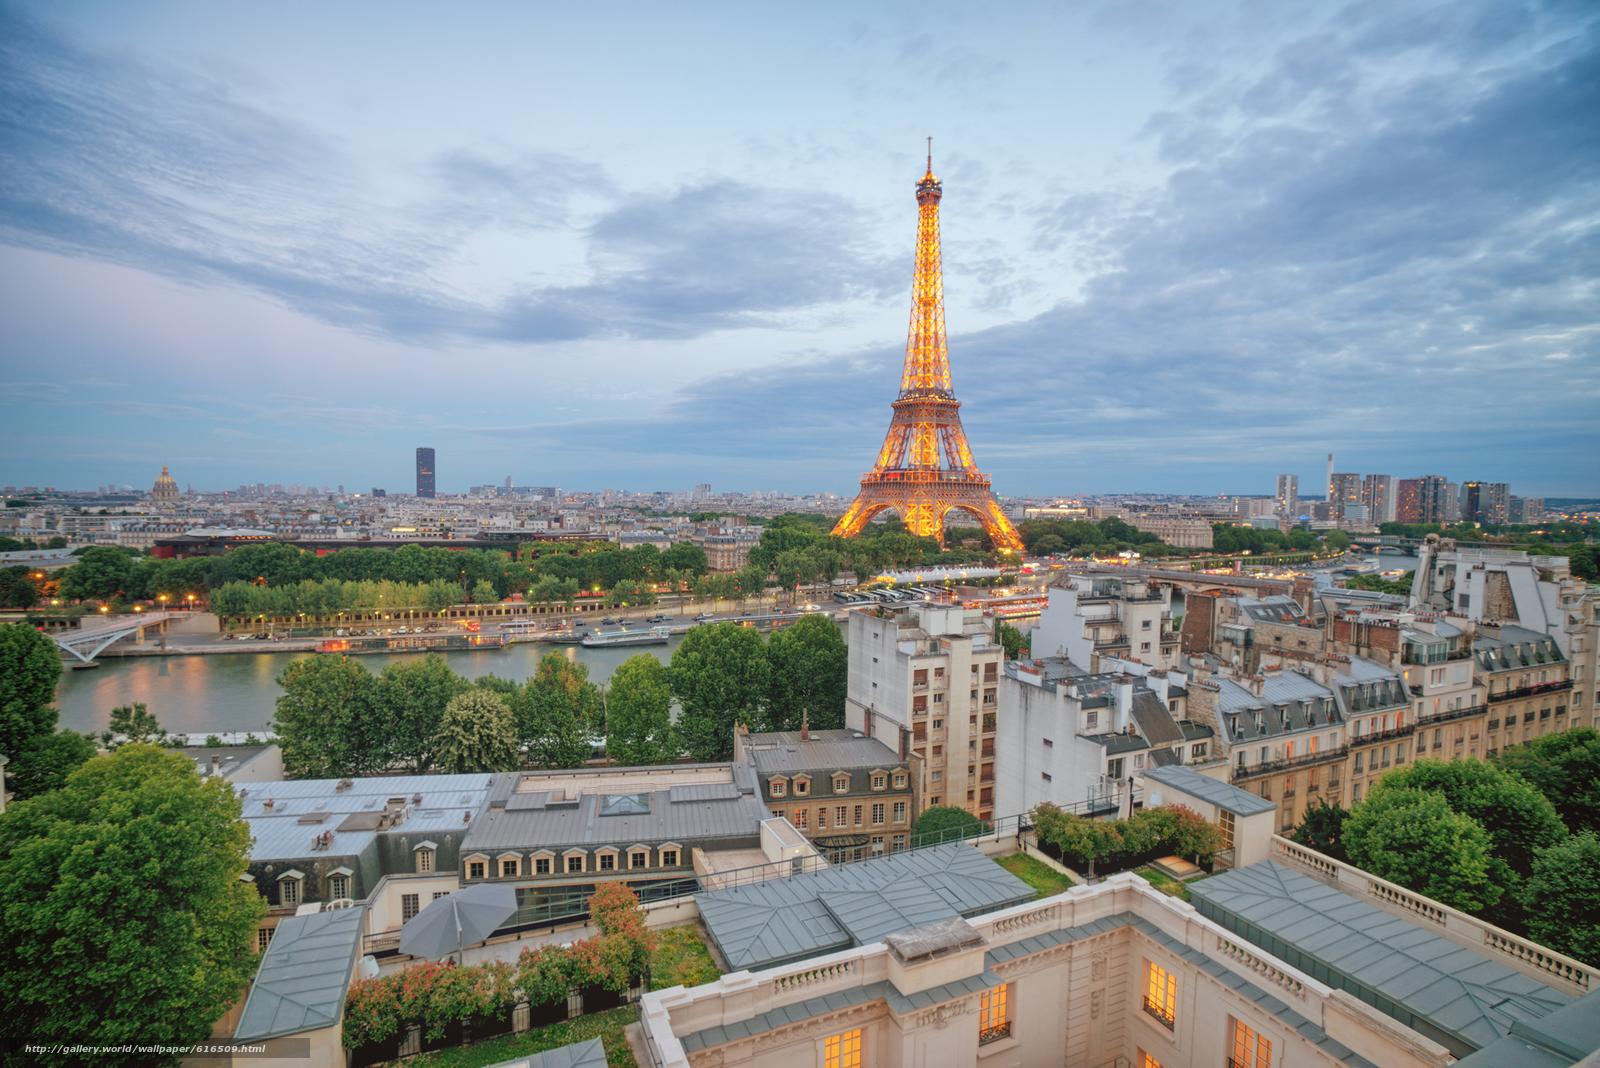 下载壁纸 巴黎,  艾菲尔铁塔,  法国 免费为您的桌面分辨率的壁纸 2248x1500 — 图片 №616509